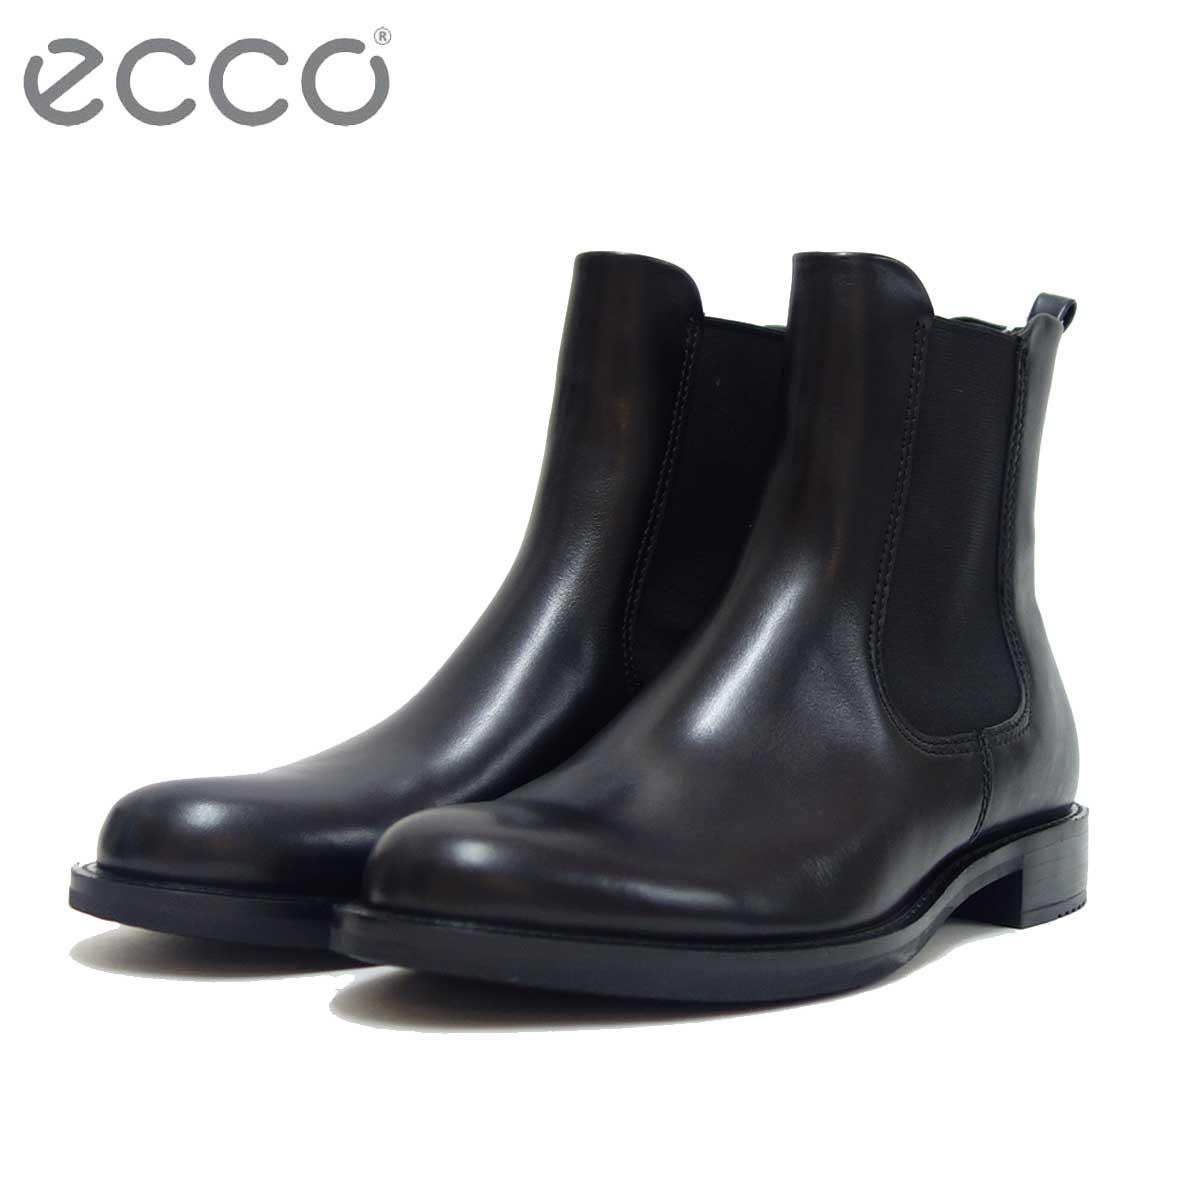 エコー ECCO 266503 ブラック (レディース) 上質天然皮革のサイドゴアブーツ「靴」